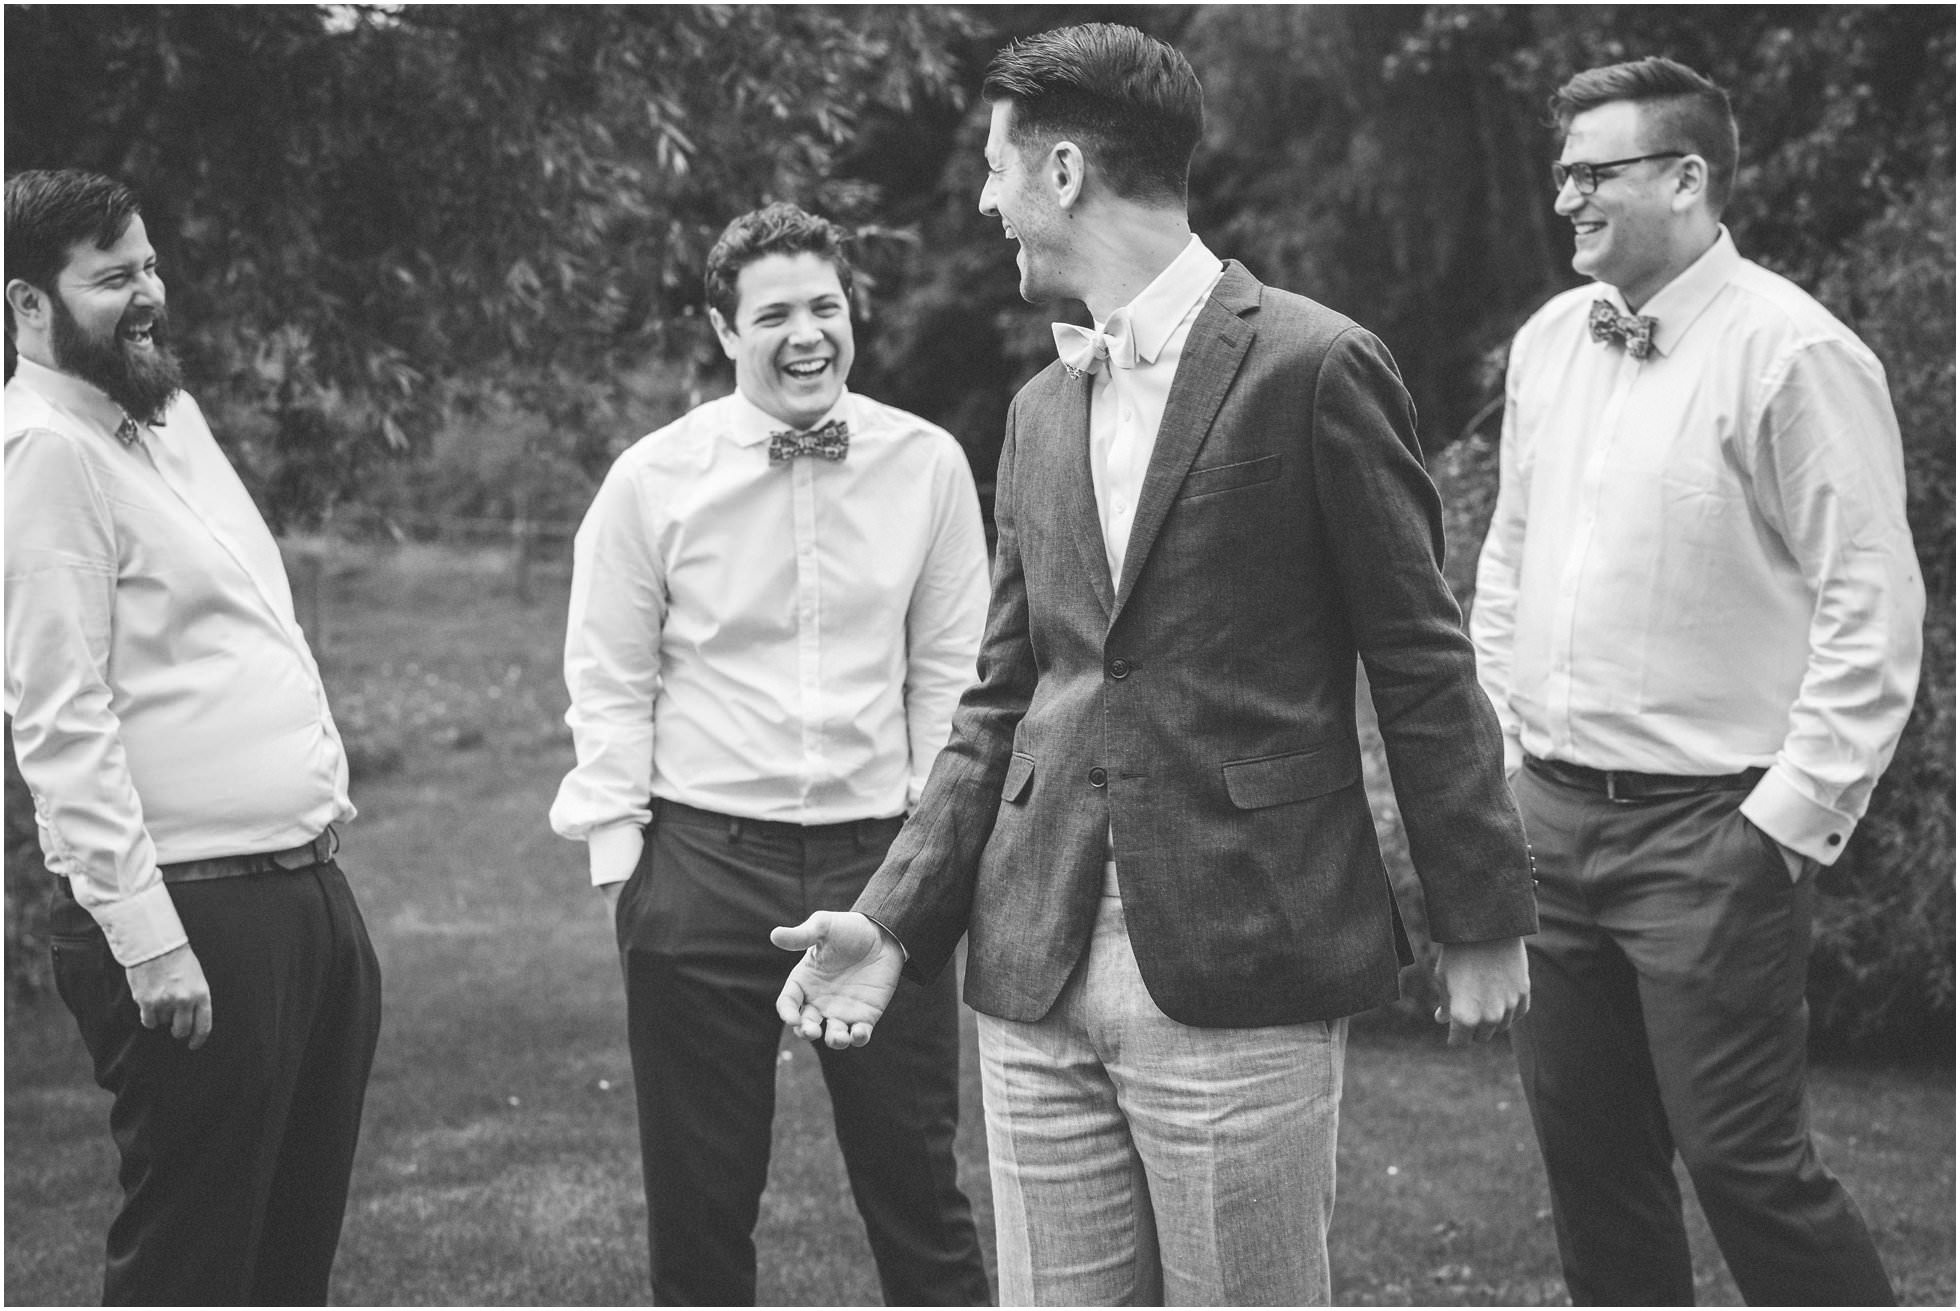 the groomsmen joking around